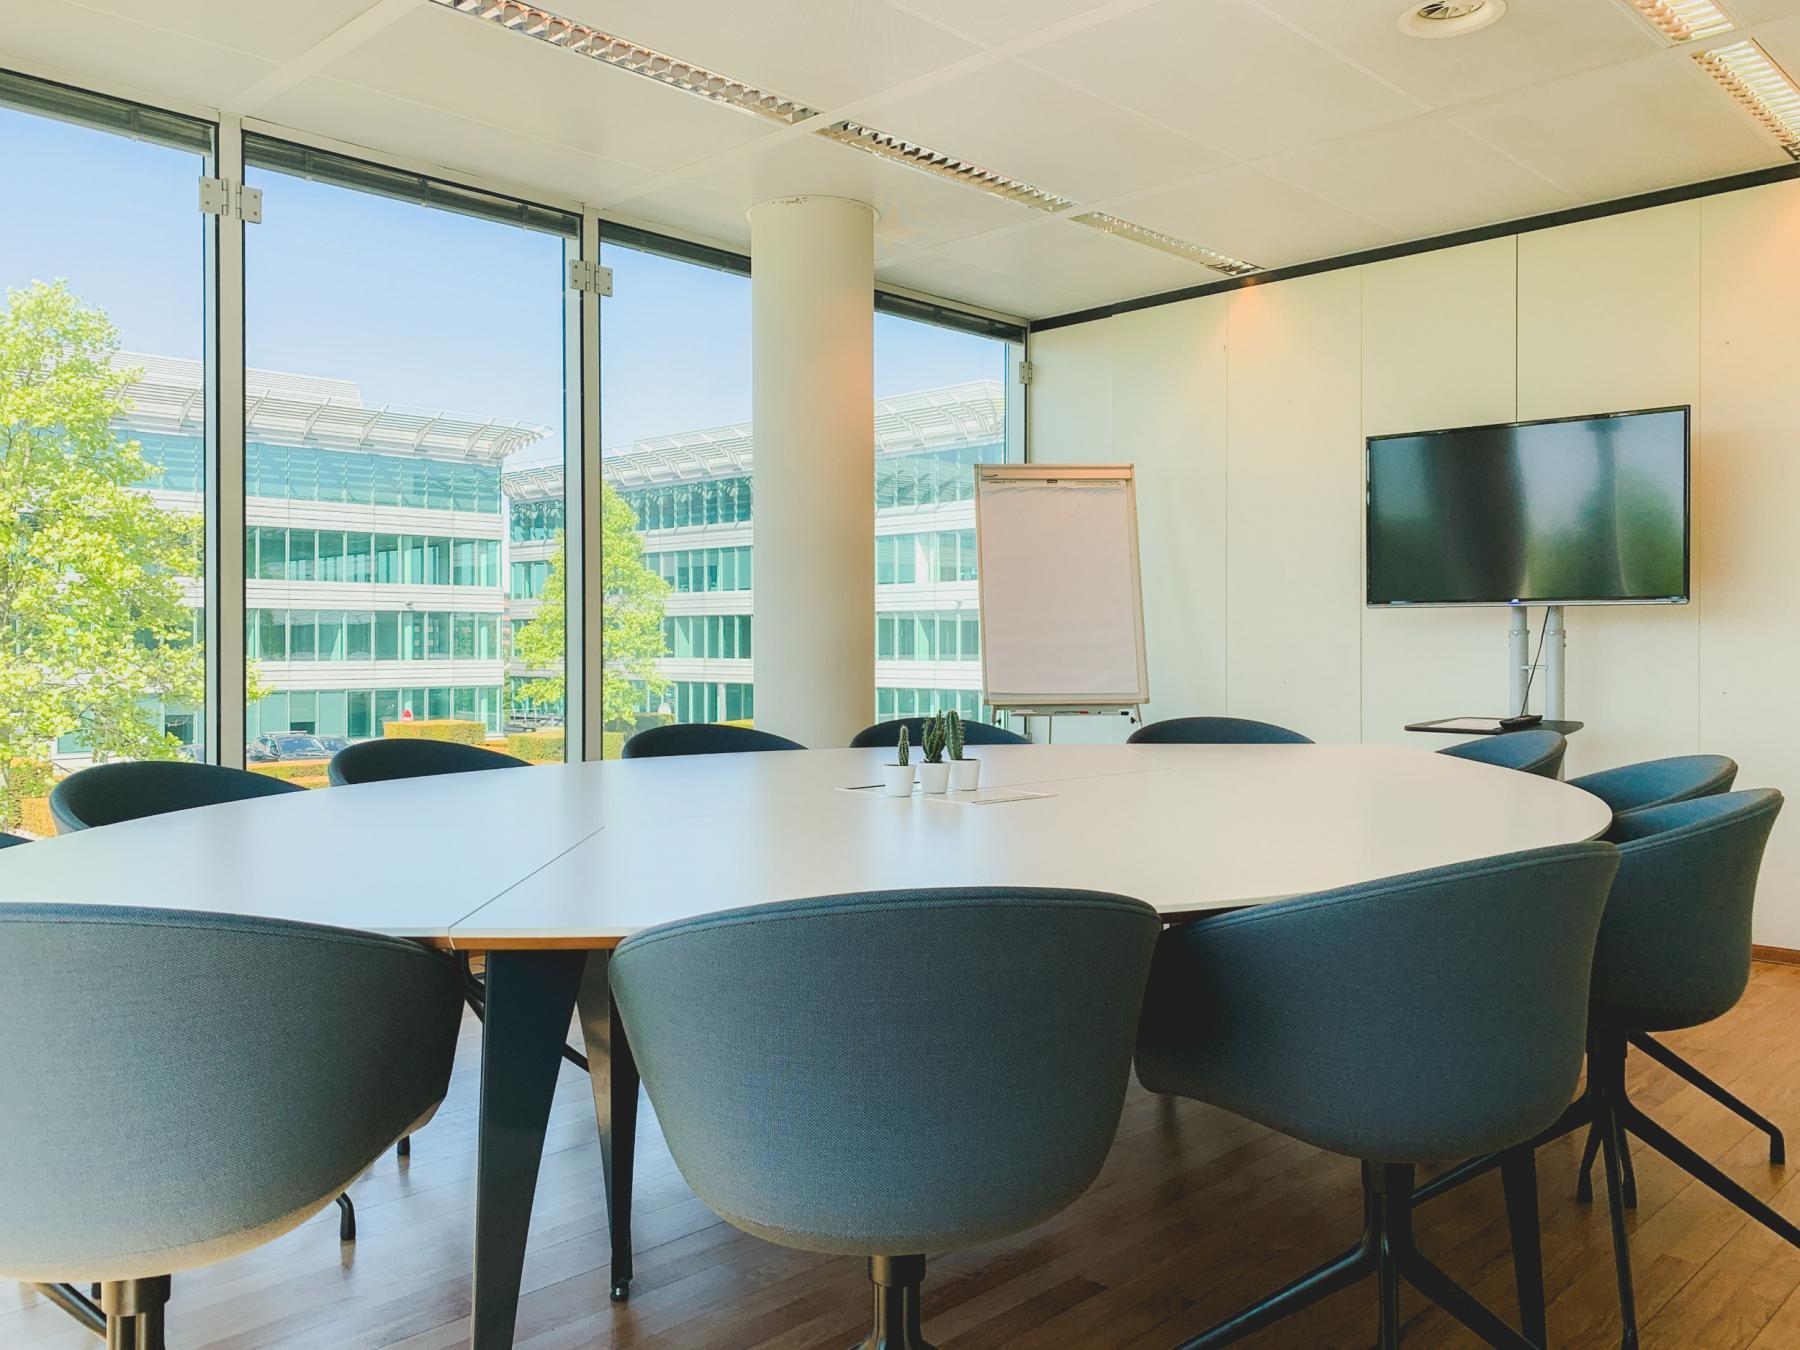 bedrijvencentrum brussel airport vergaderzaal 1